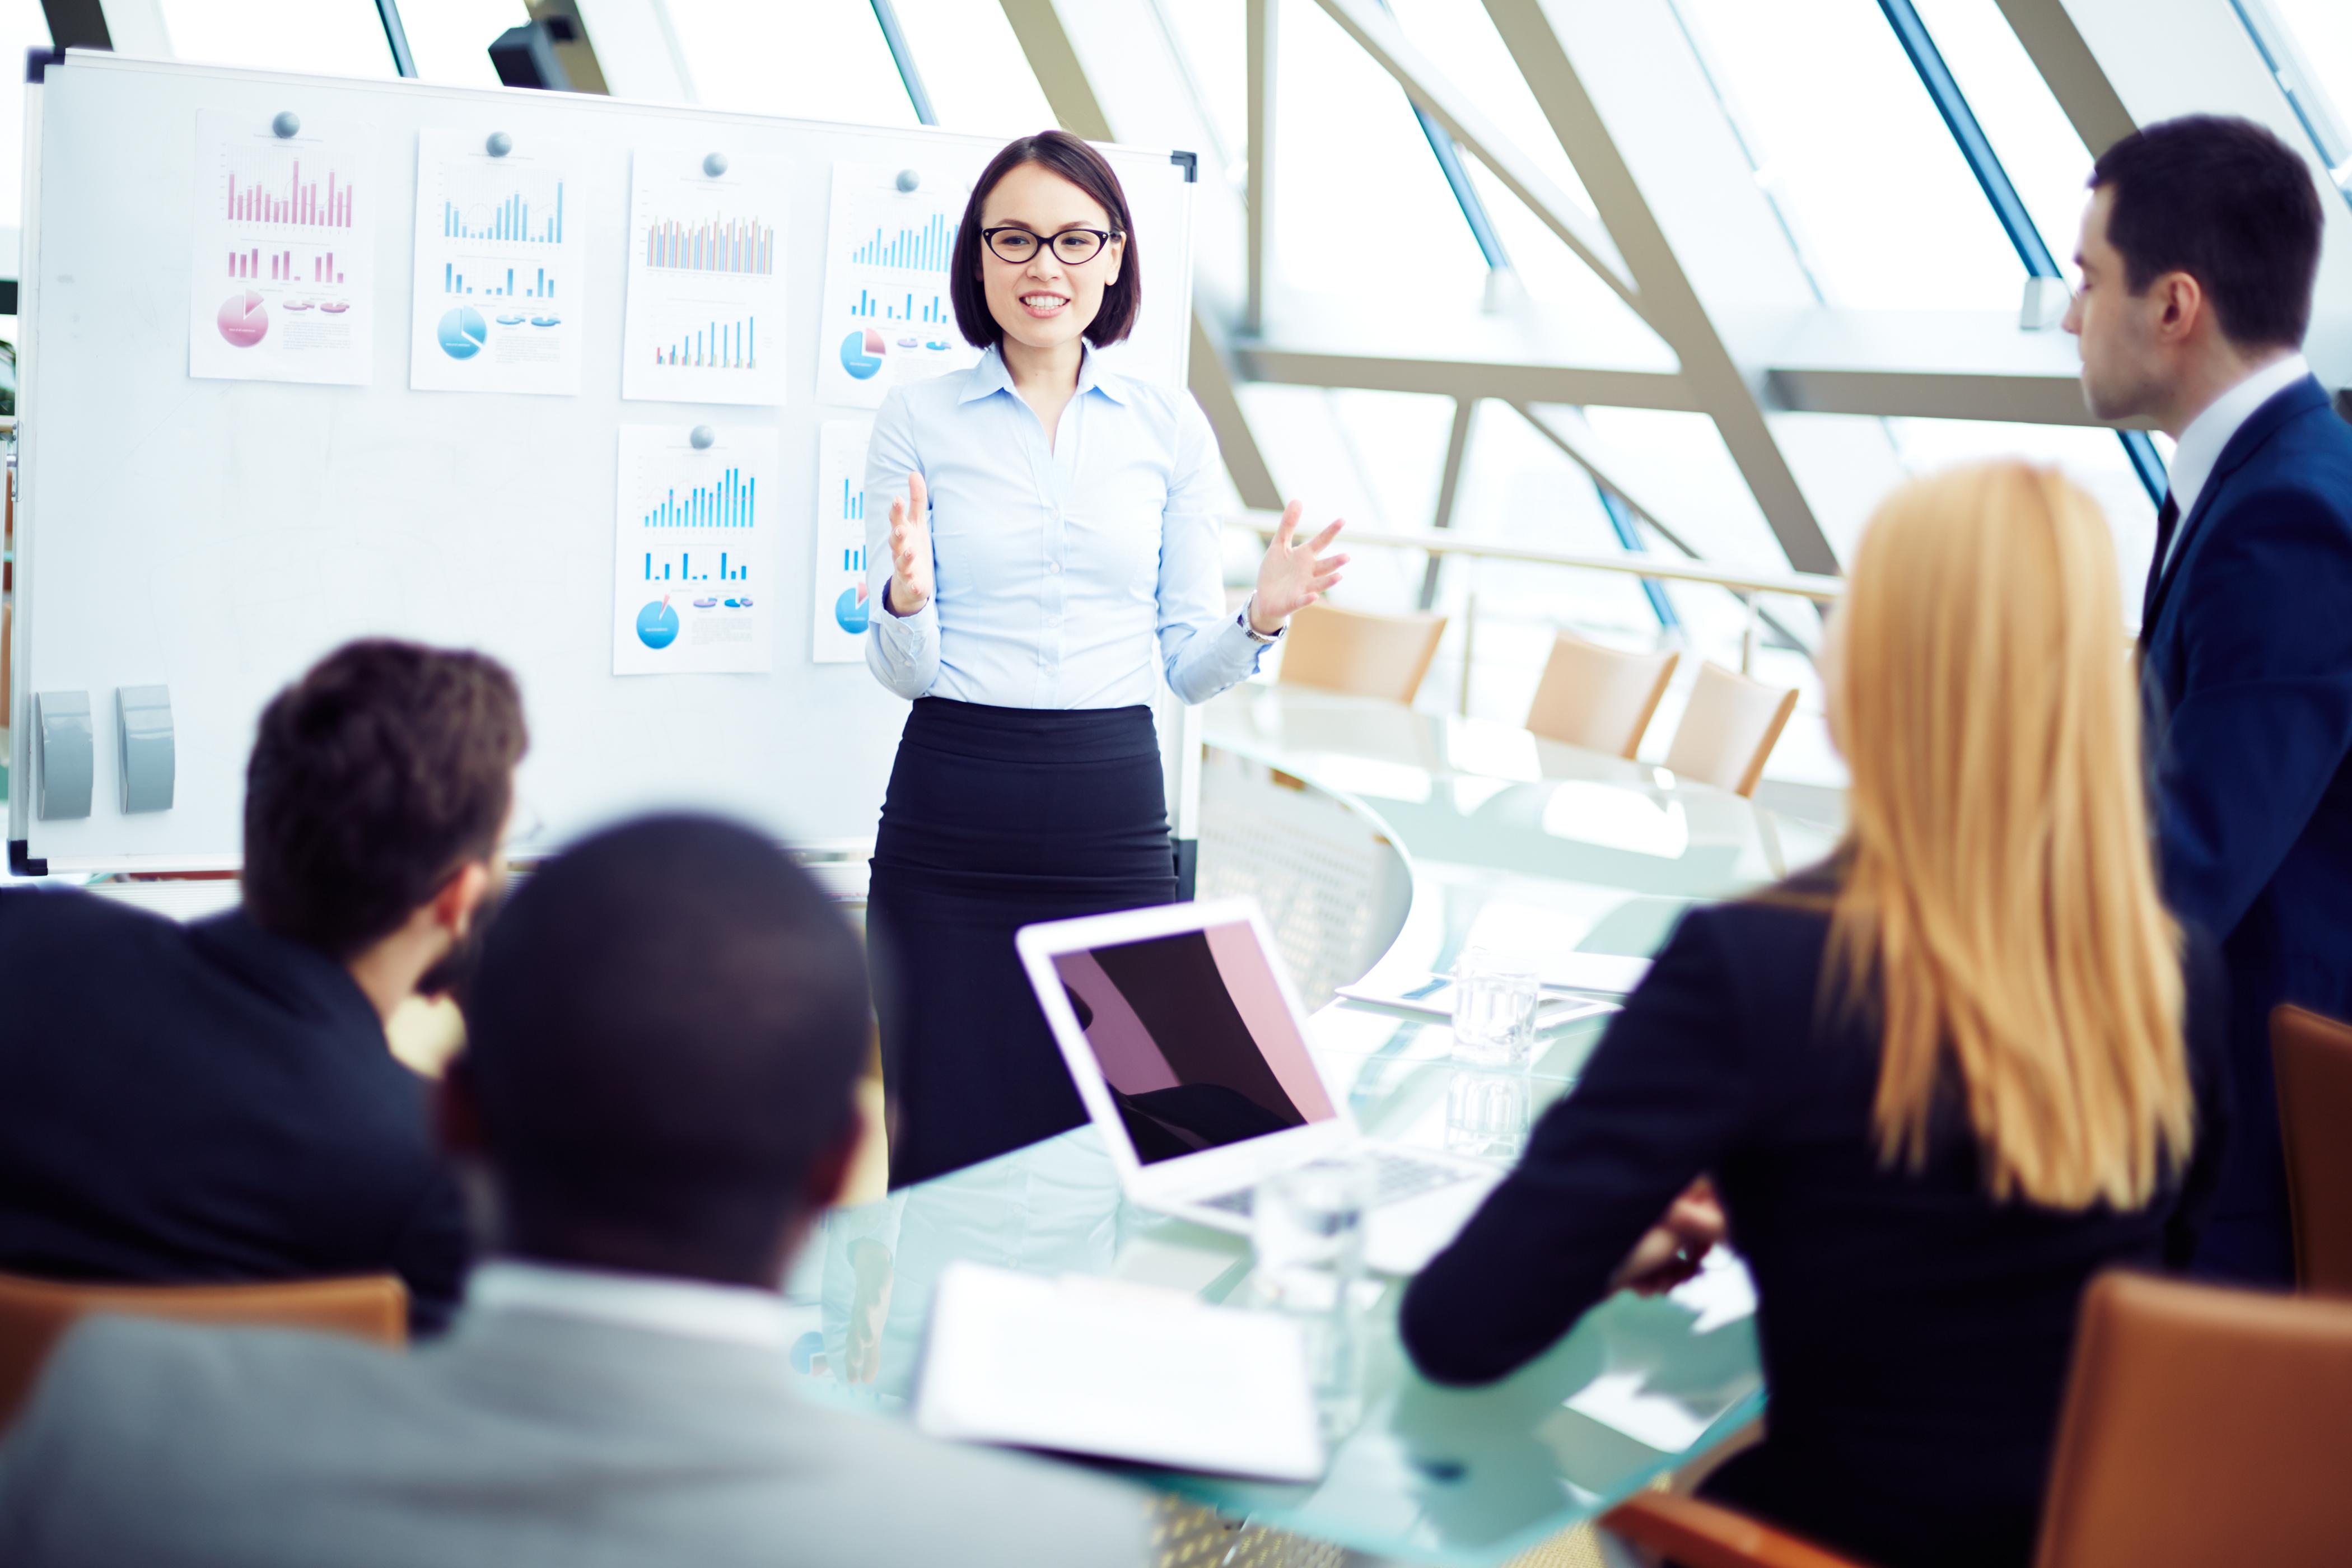 Hatékony prezentációs technikák